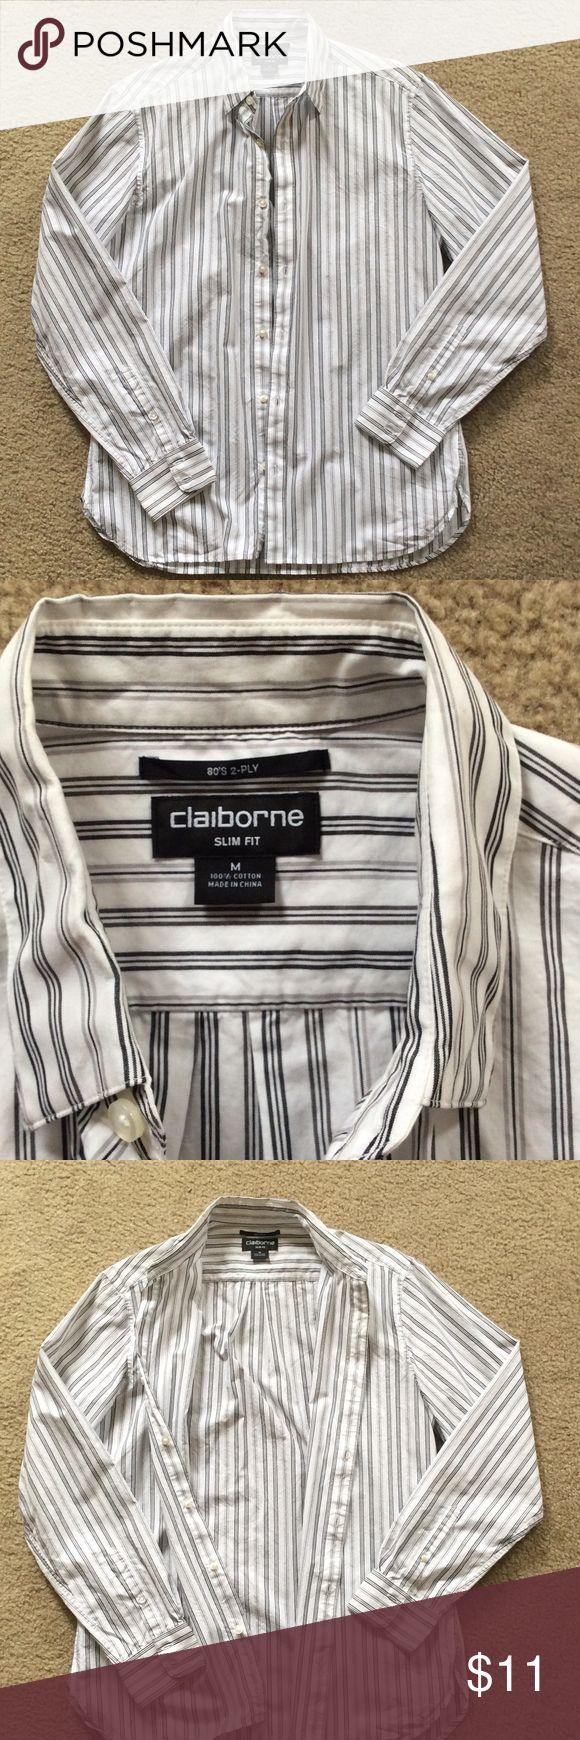 Liz Claiborne long sleeve men's button-down Liz Claiborne long sleeve men's button-down Liz Claiborne Shirts Casual Button Down Shirts